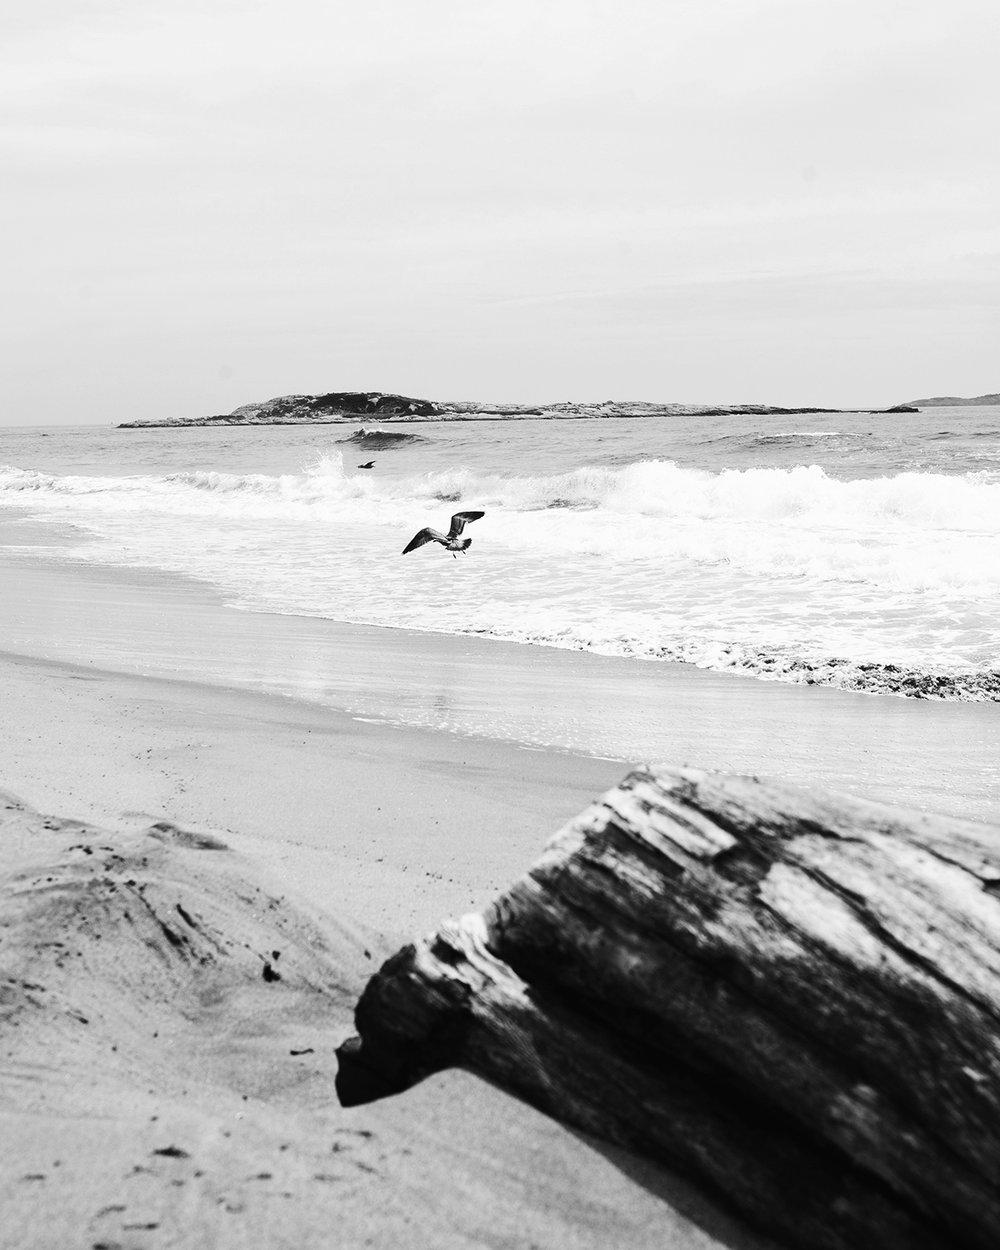 Maine_8x10.jpg